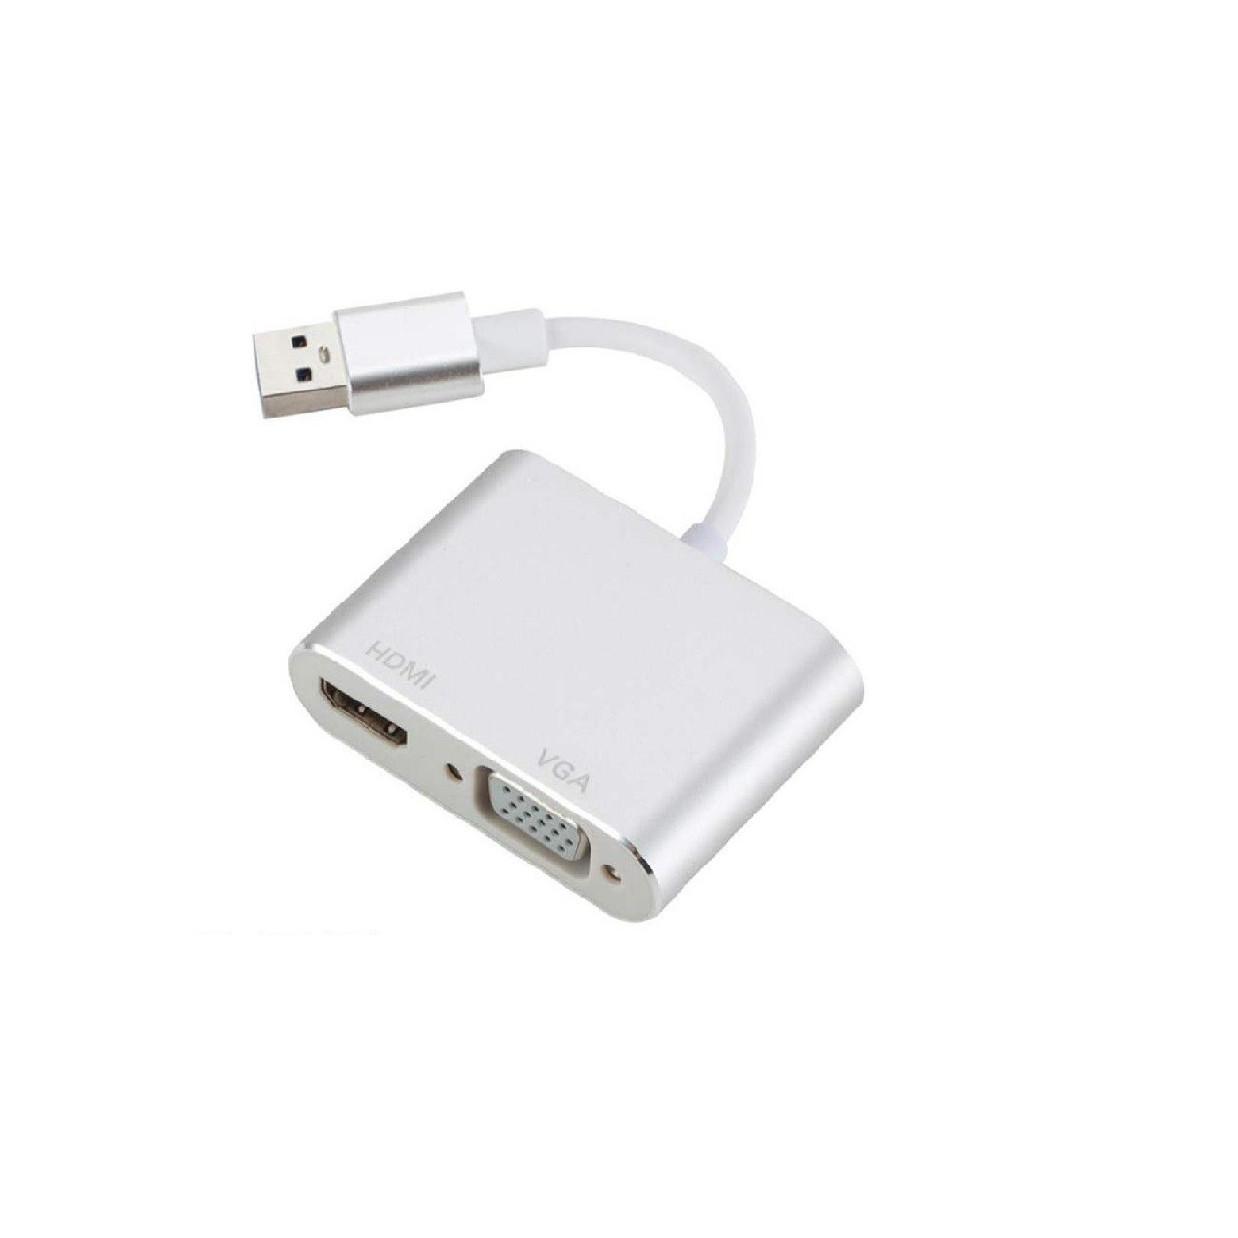 Cáp Chuyển USB 3.0 ra HDMI và VGA